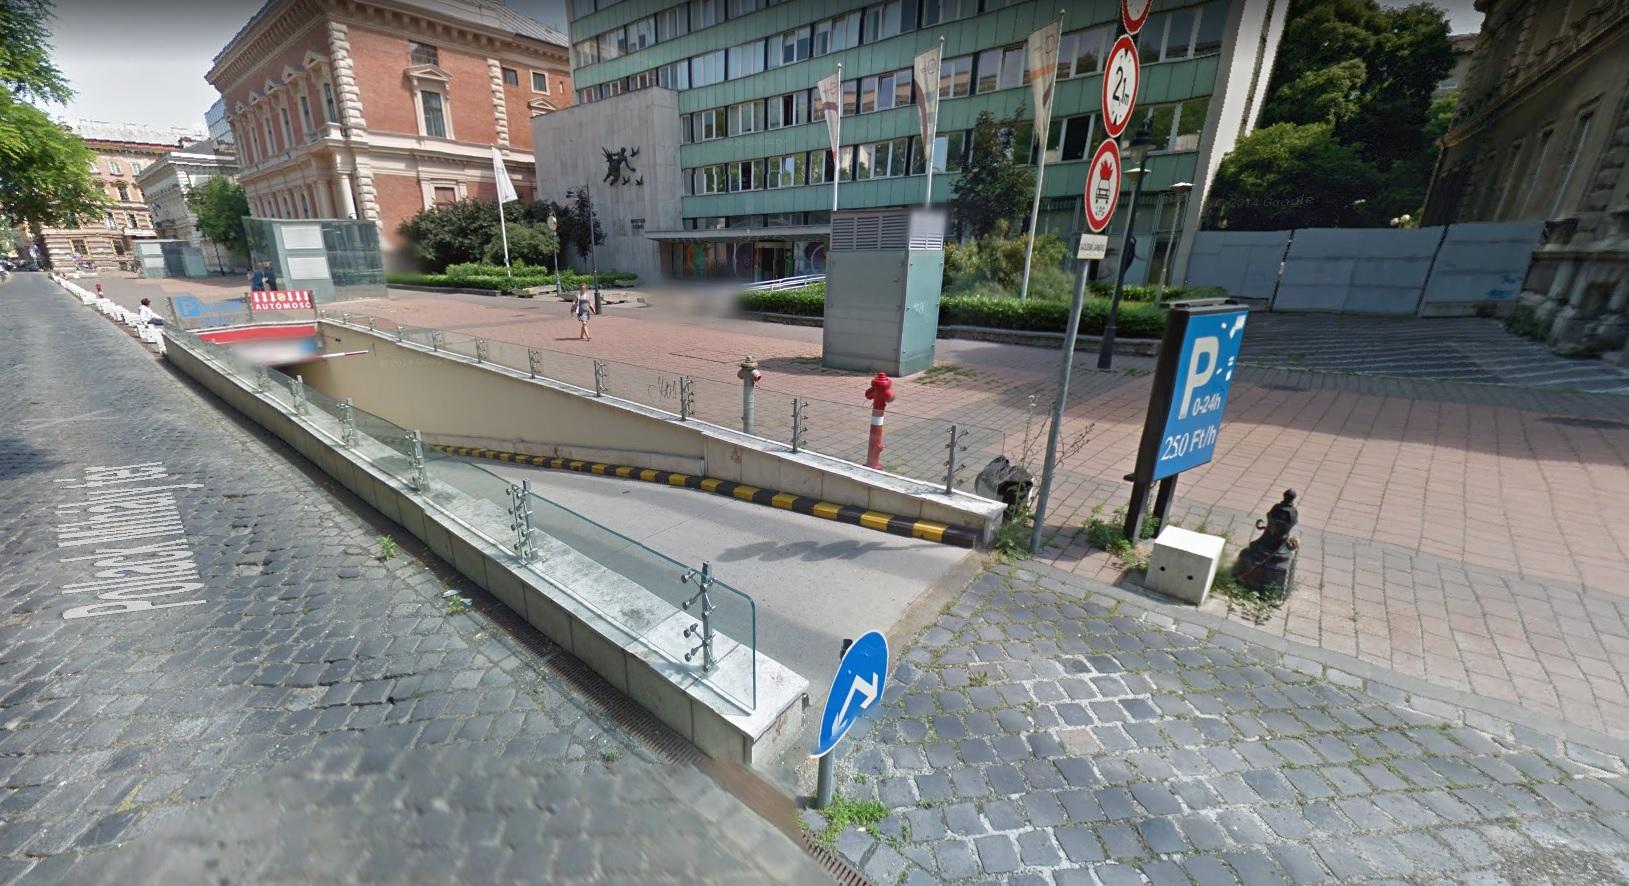 Nyomozni kezdett az ügyészség a Pollack Mihály téri mélygarázs miatt, amit háromszoros áron vett meg az állam